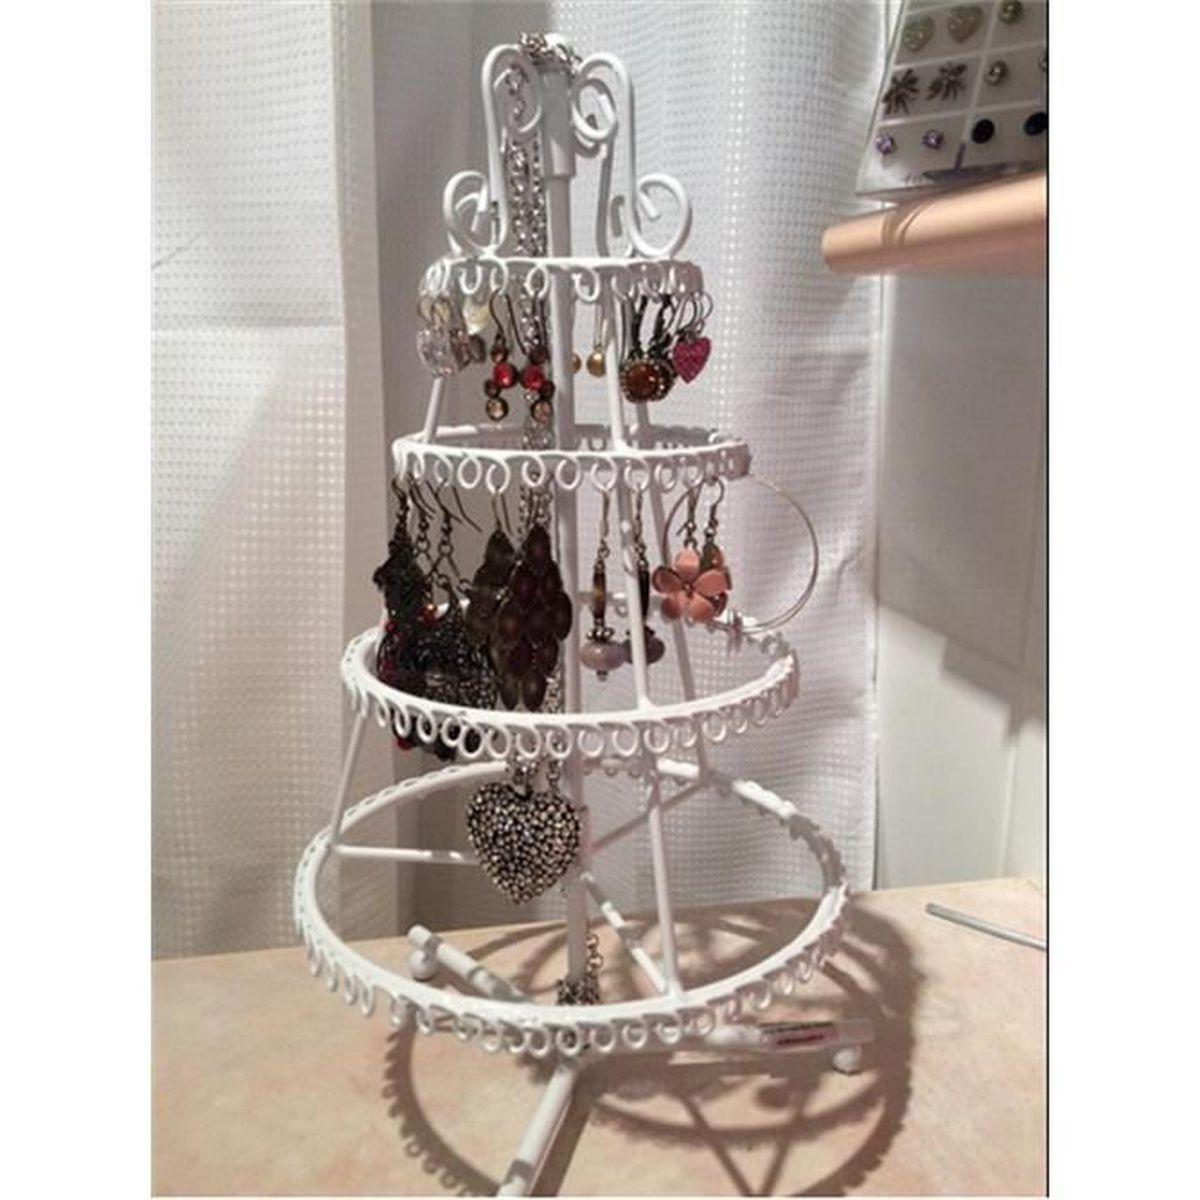 kouan porte bijoux arbre de no l pour rangement et pr sentation de bijouterie organisateur des. Black Bedroom Furniture Sets. Home Design Ideas